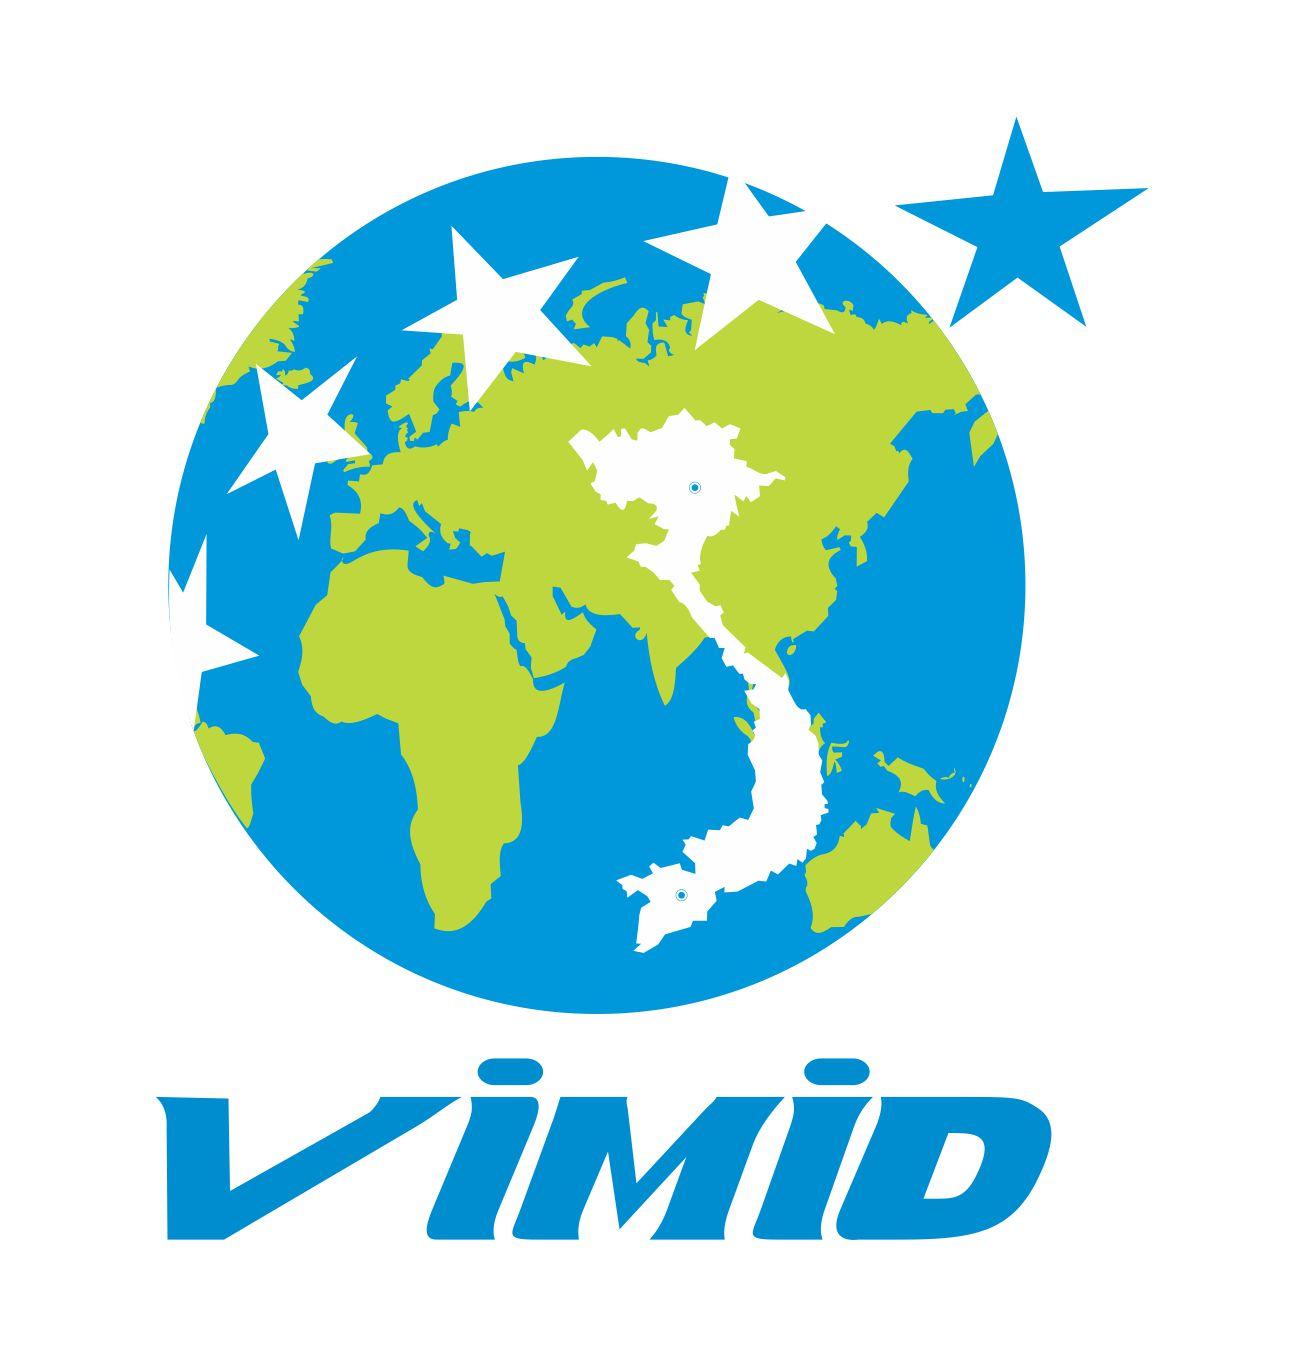 HOWO VIMID